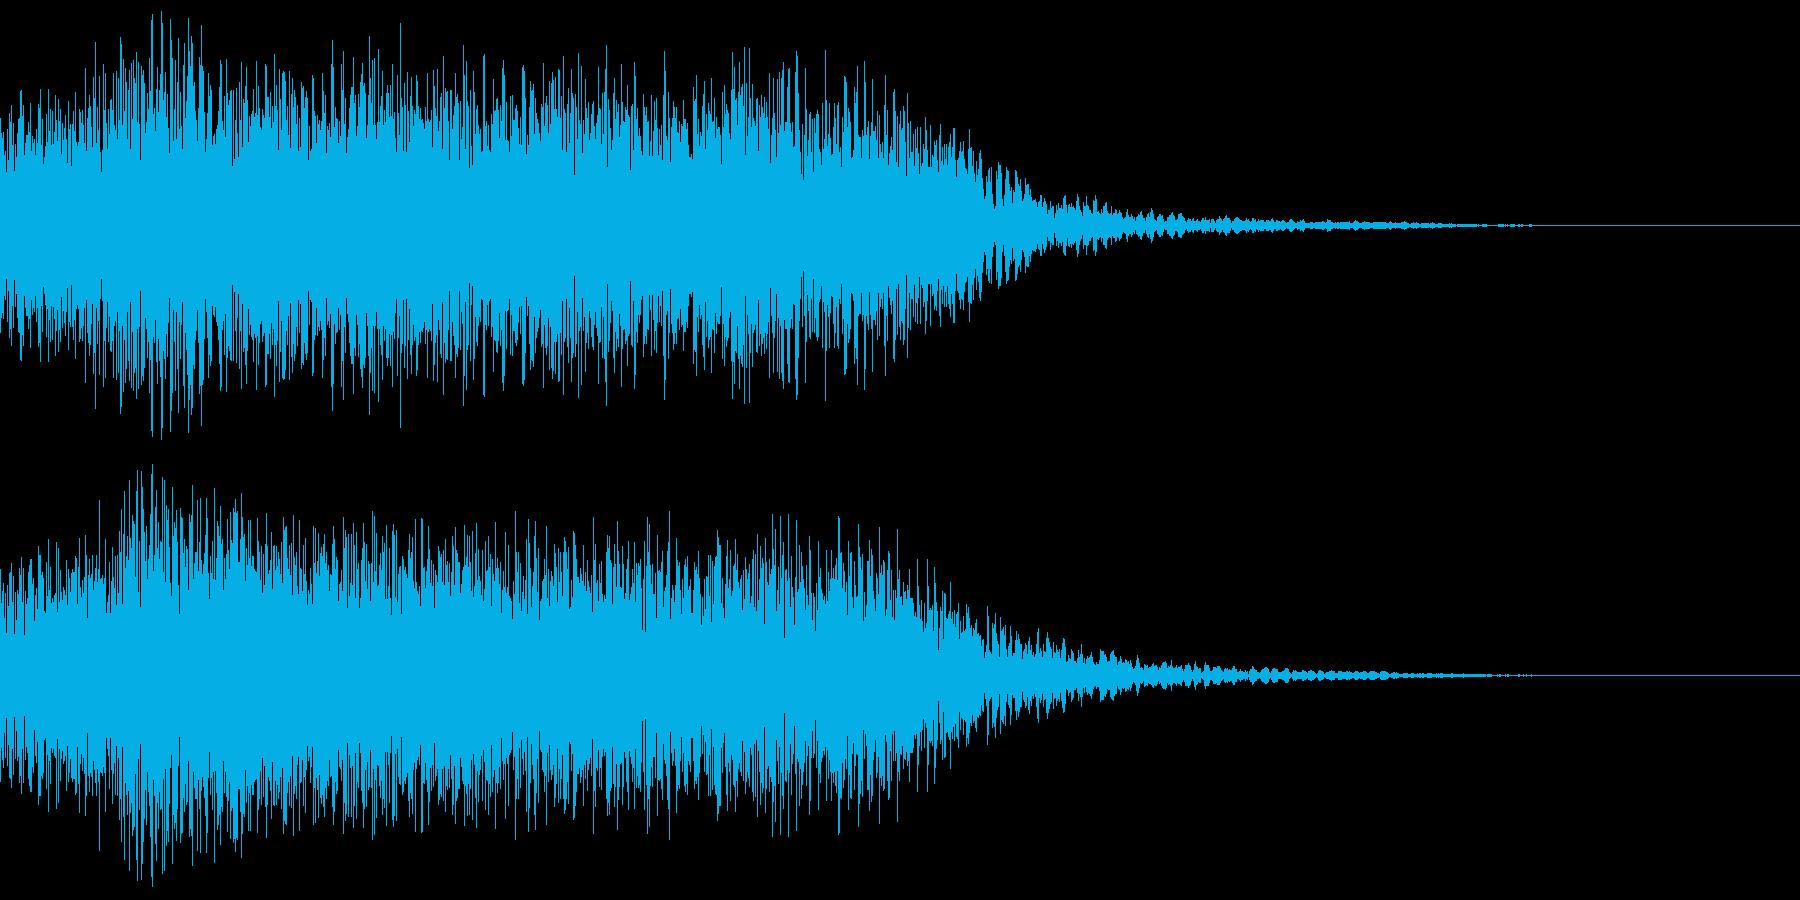 効果音 宇宙船 UFO 戦闘機の再生済みの波形